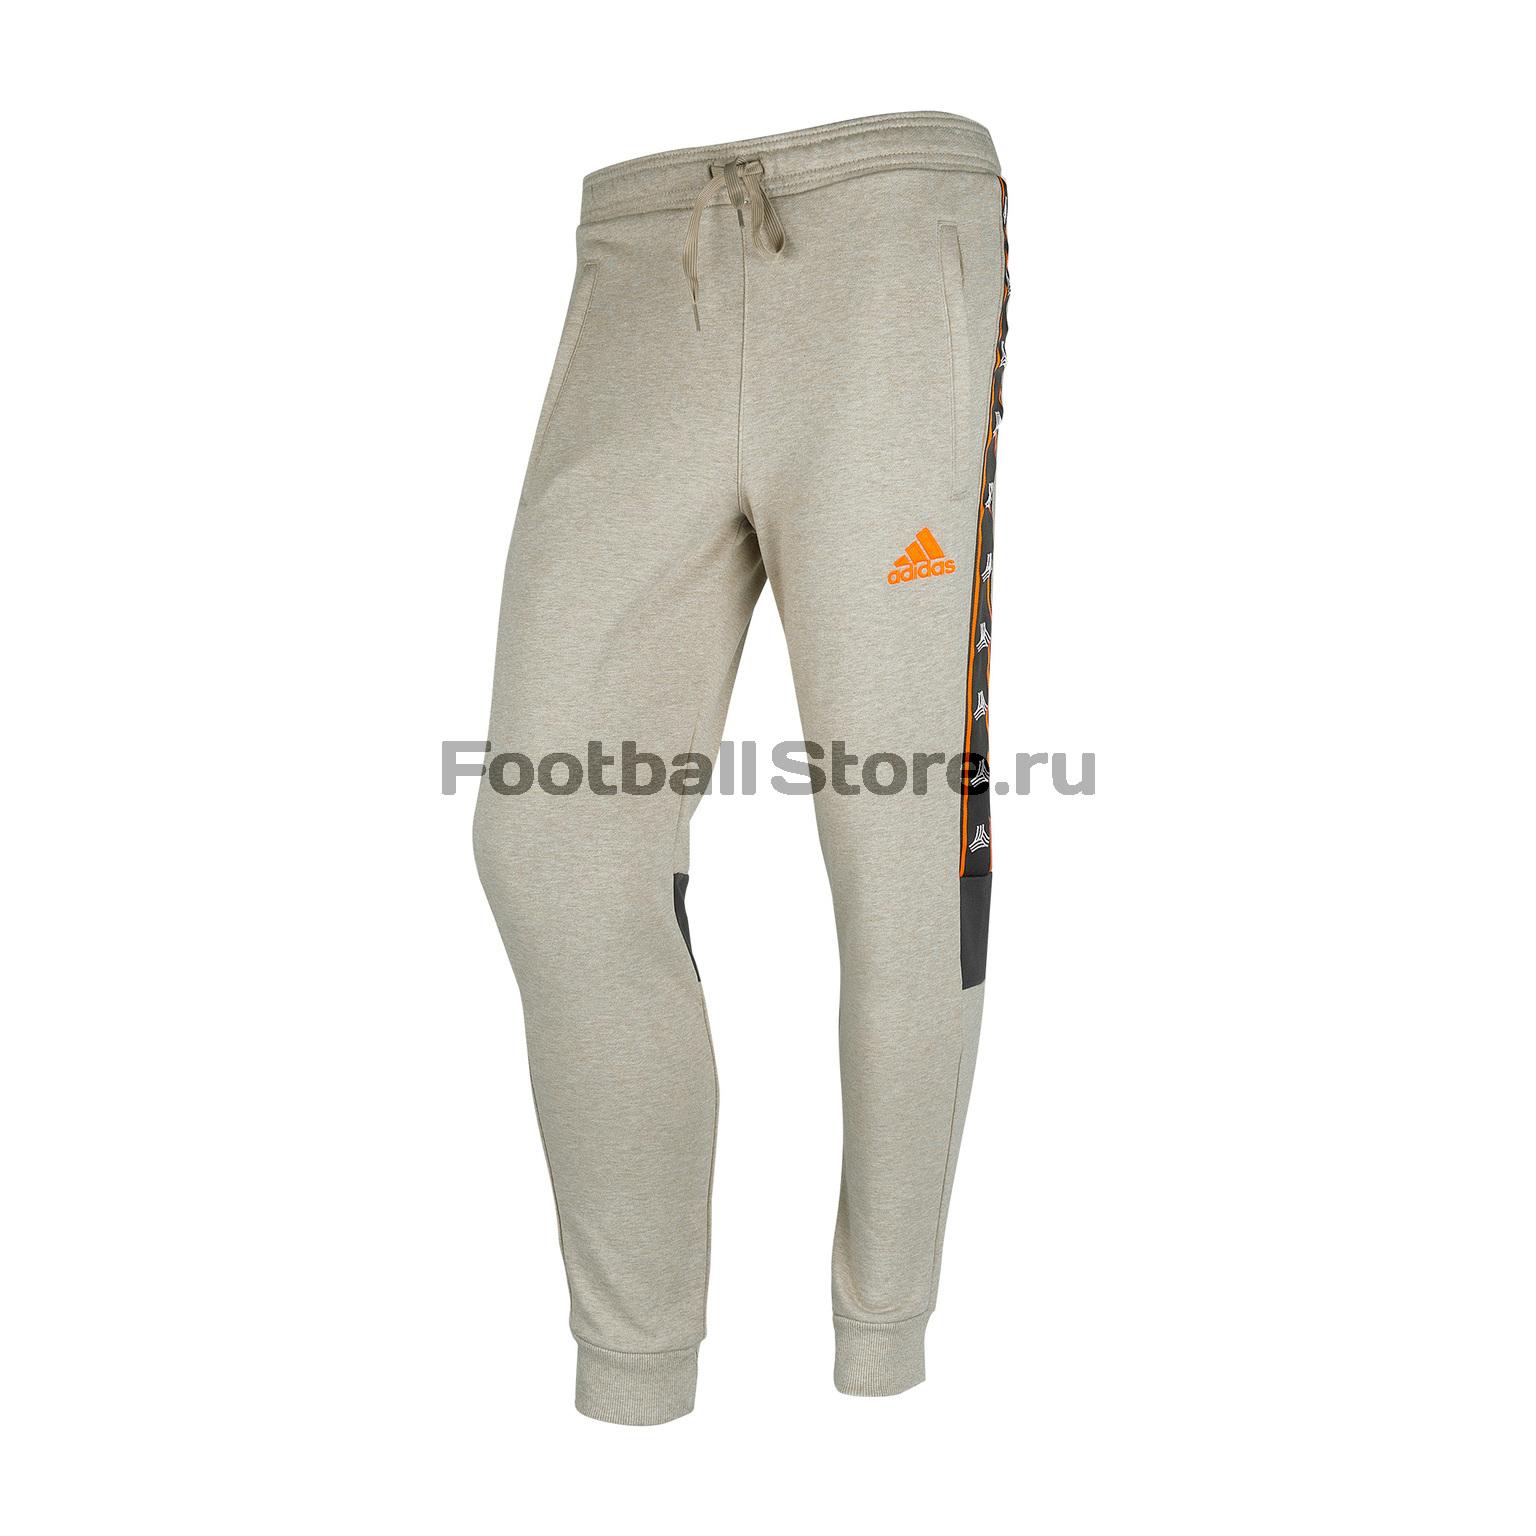 Брюки Adidas Tan DZ9600 шорты игровые adidas tan dt9843